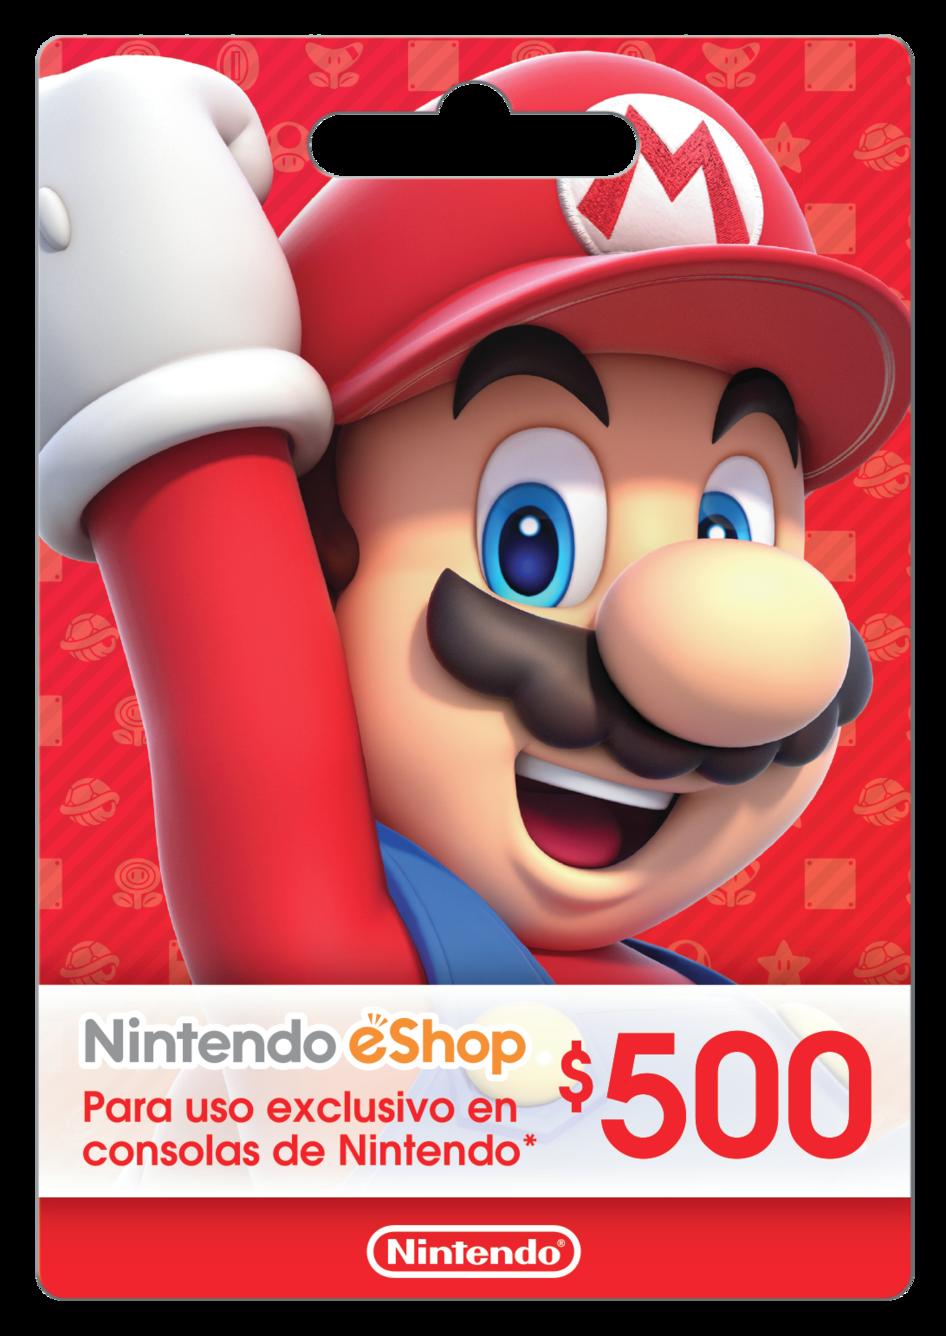 Saldo digital Nintendo eShop $500 MXN